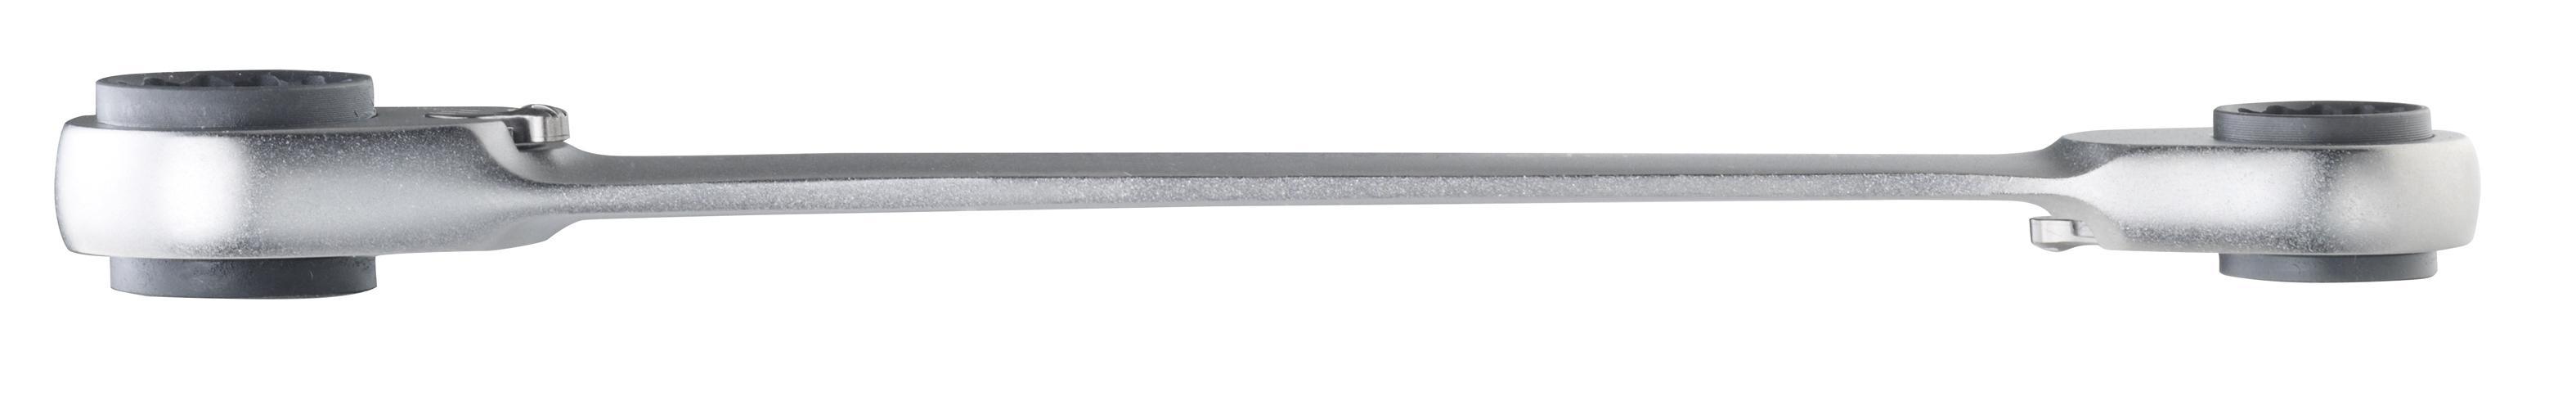 Micro-Speeder Klucz oczkowy z grzechotką, poczwórny, 10 - 19 mm | PROXXON